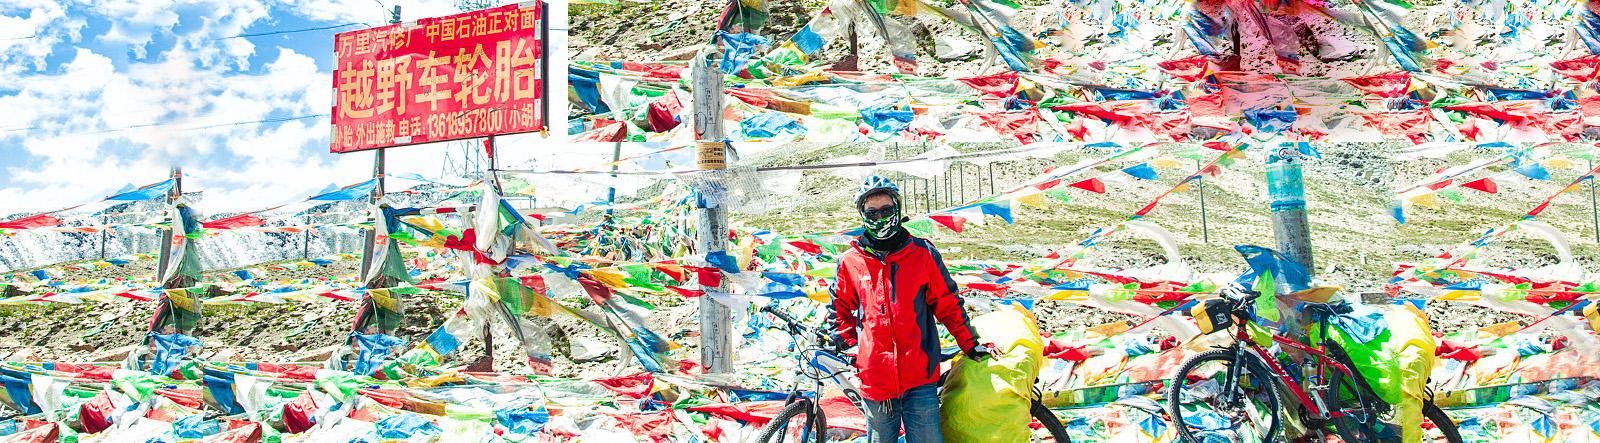 Tibet Group Tour,Tibet Bike Tour